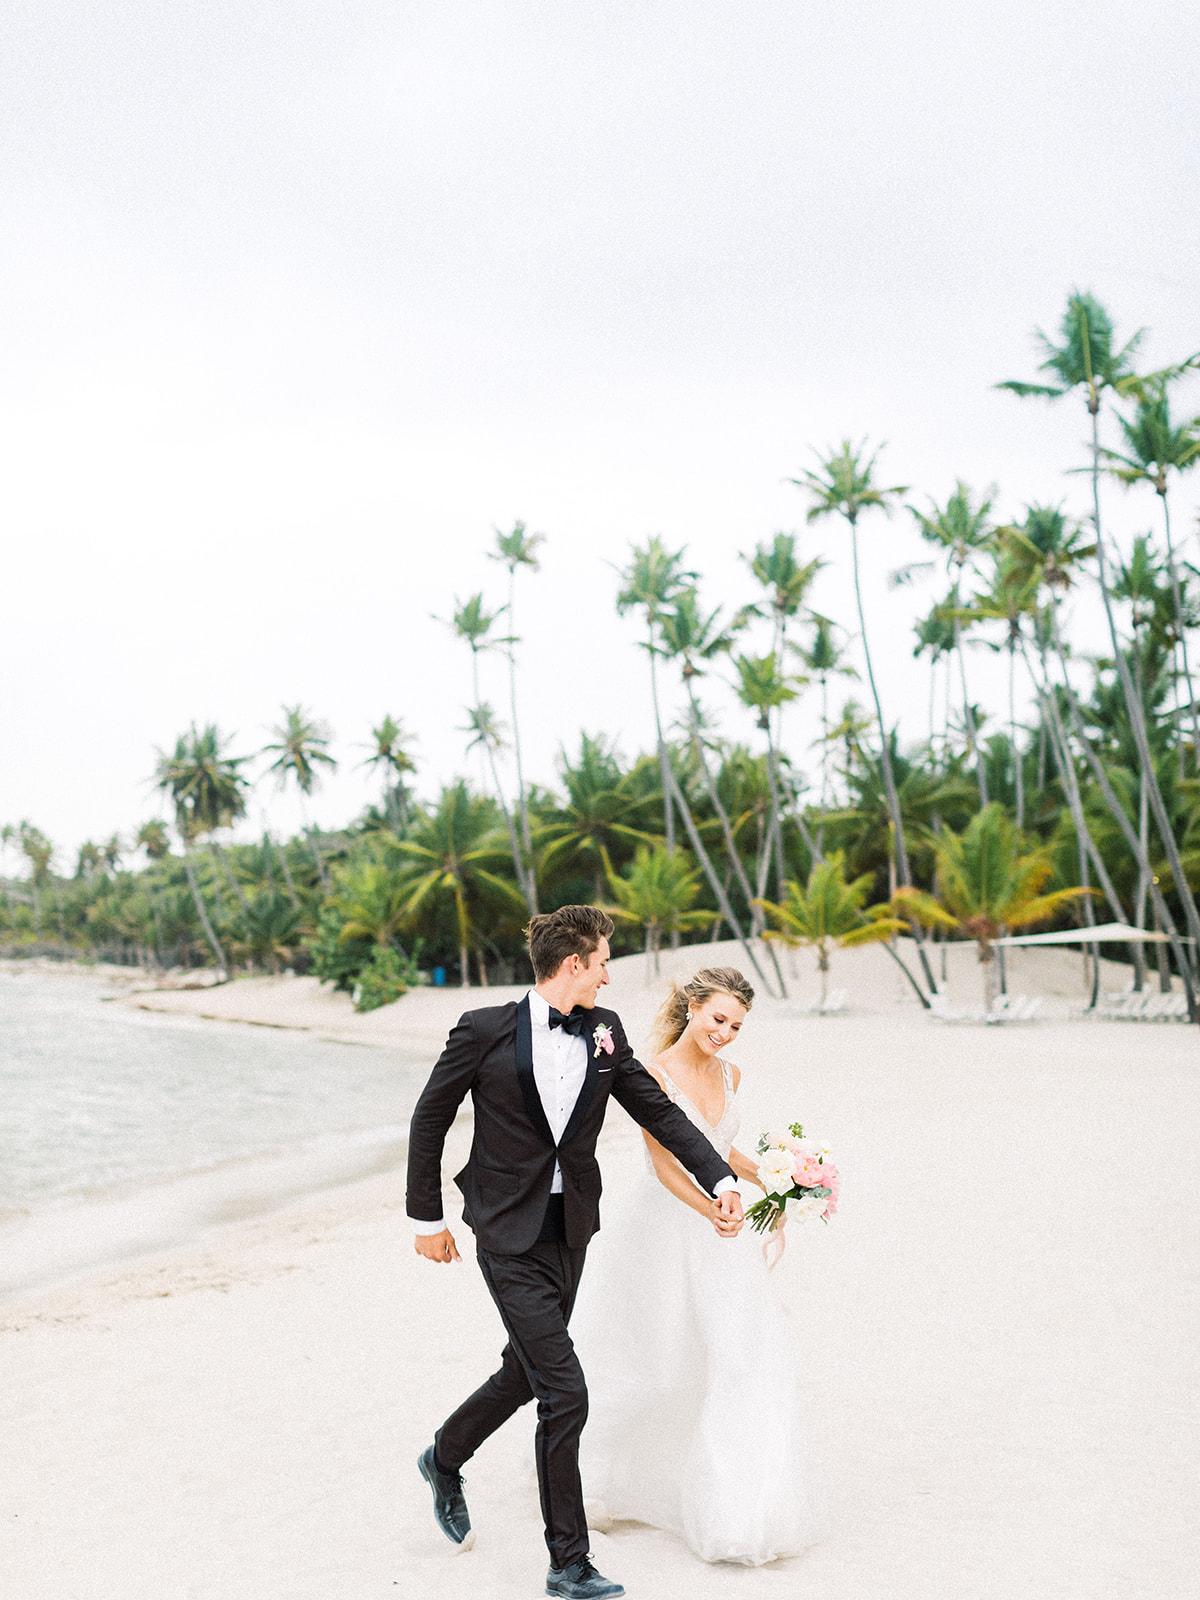 Beach wedding photos: Beach Wedding Inspiration | Dominican Republic